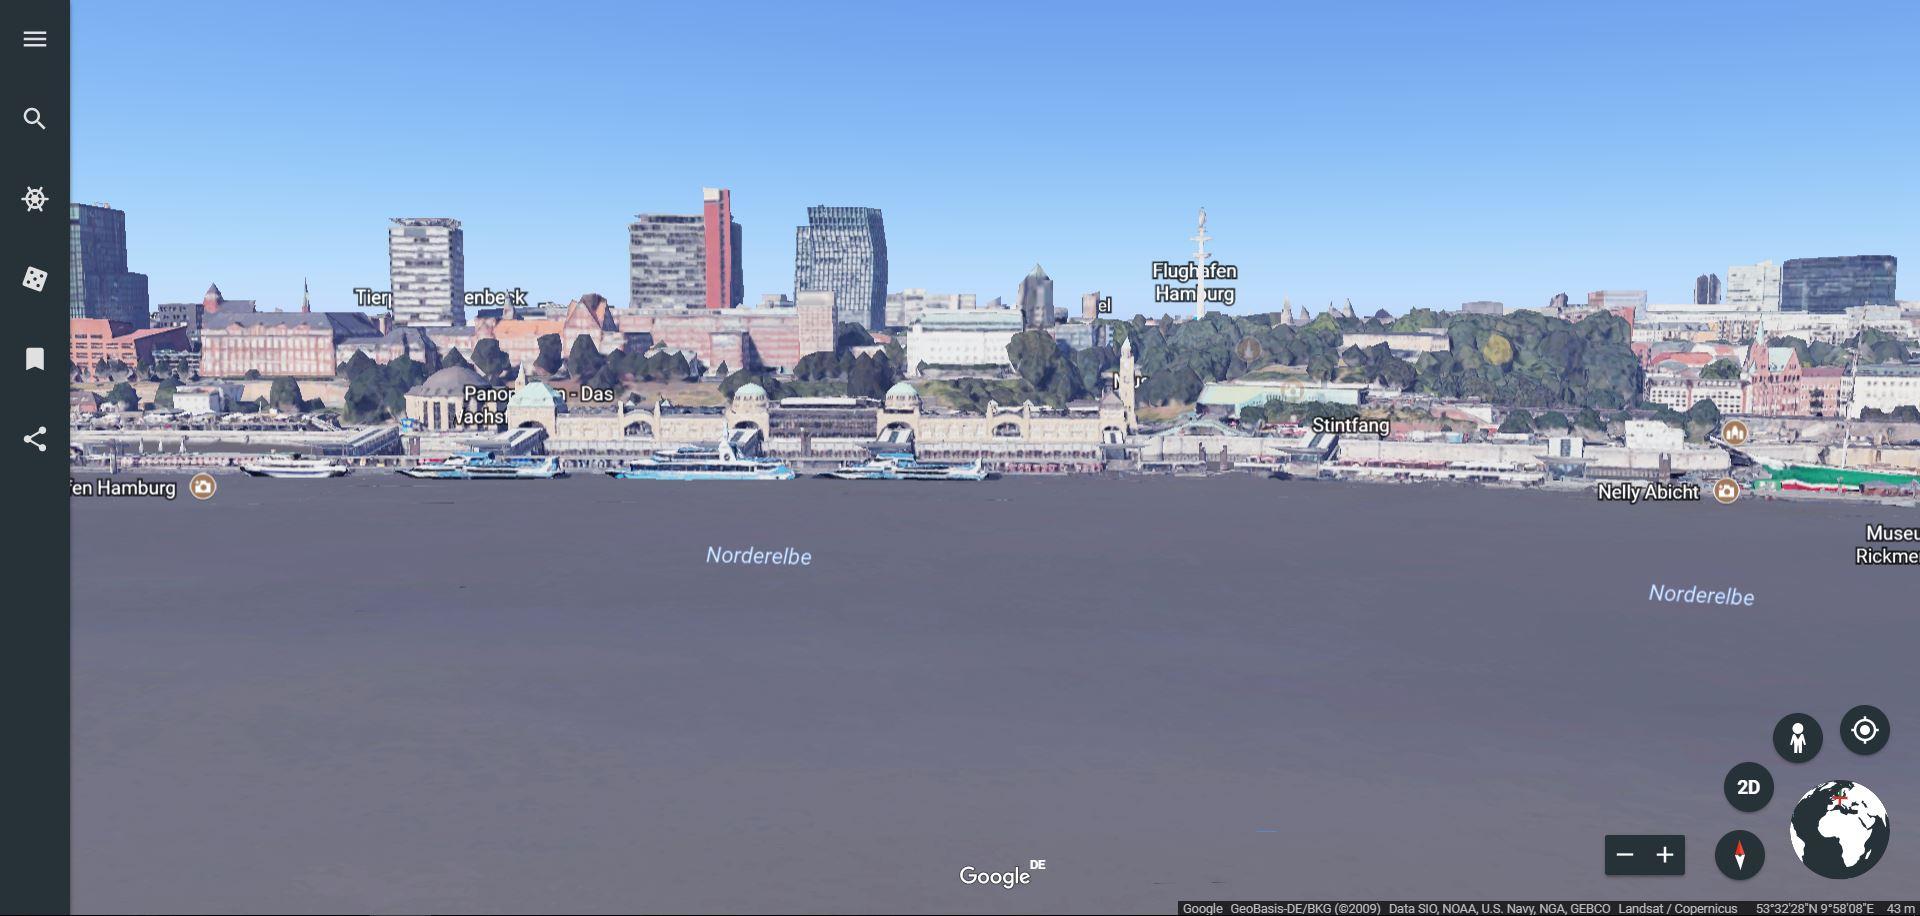 GoogleEarth bietet andere Funktionen als GoogleMaps und lässt sich gut zum Vorbereiten von Sessions nutzen